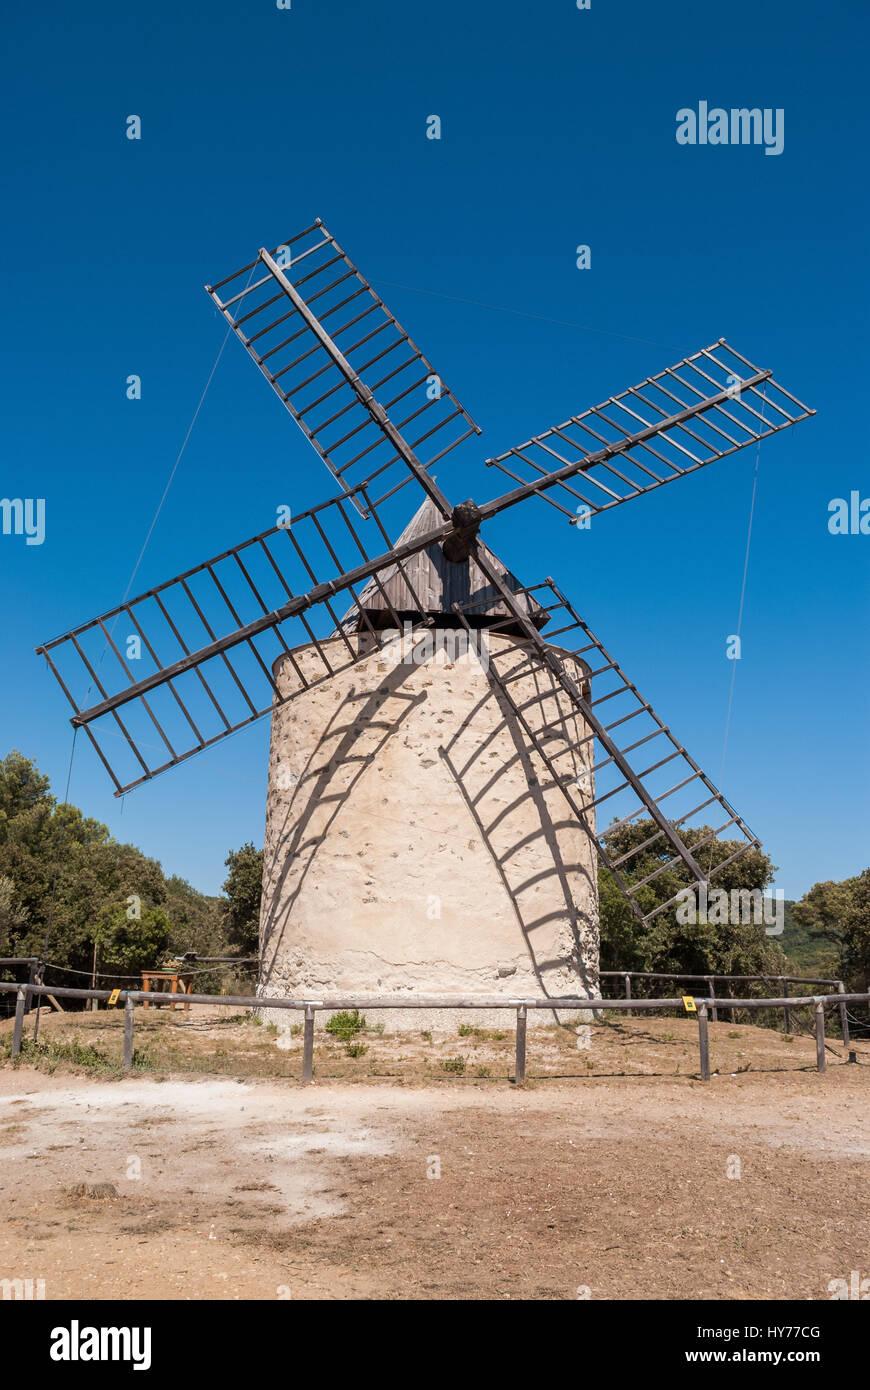 El molino de viento de la felicidad, de la isla de Porquerolles, Francia Foto de stock